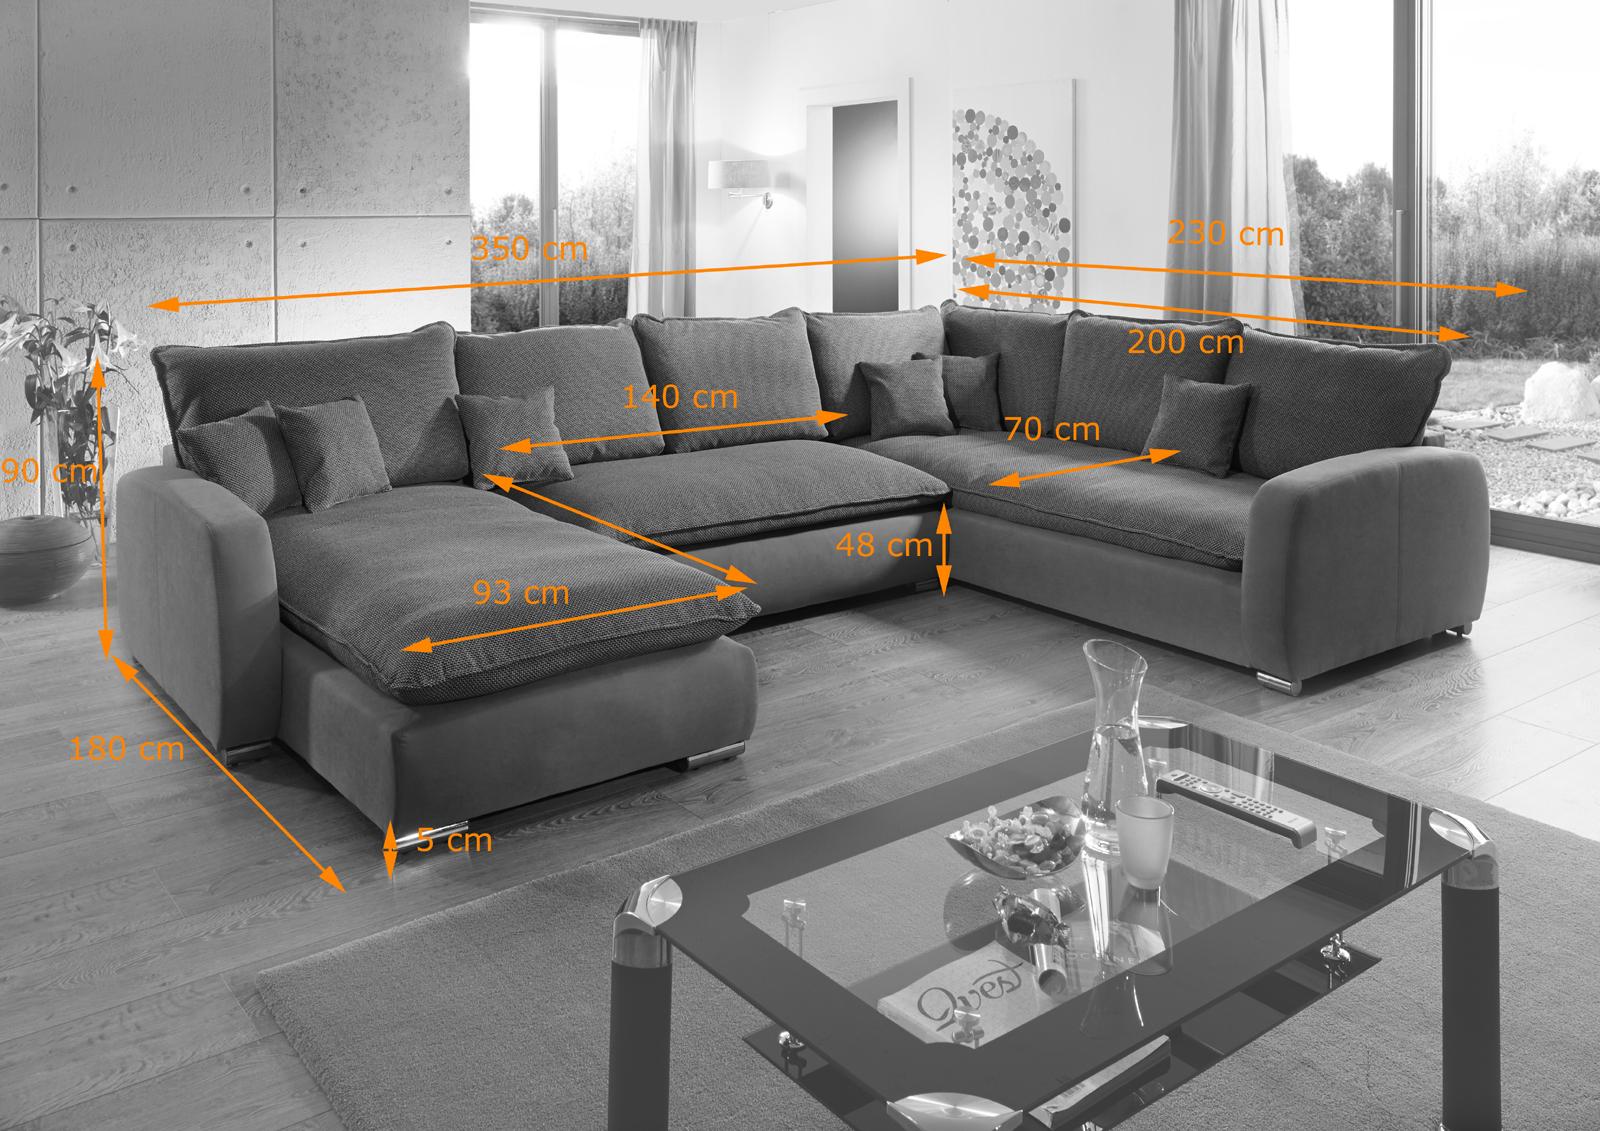 Sam sofa grau wohnlandschaft scala 180 x 350 x 230 cm for Wohnlandschaft finanzieren